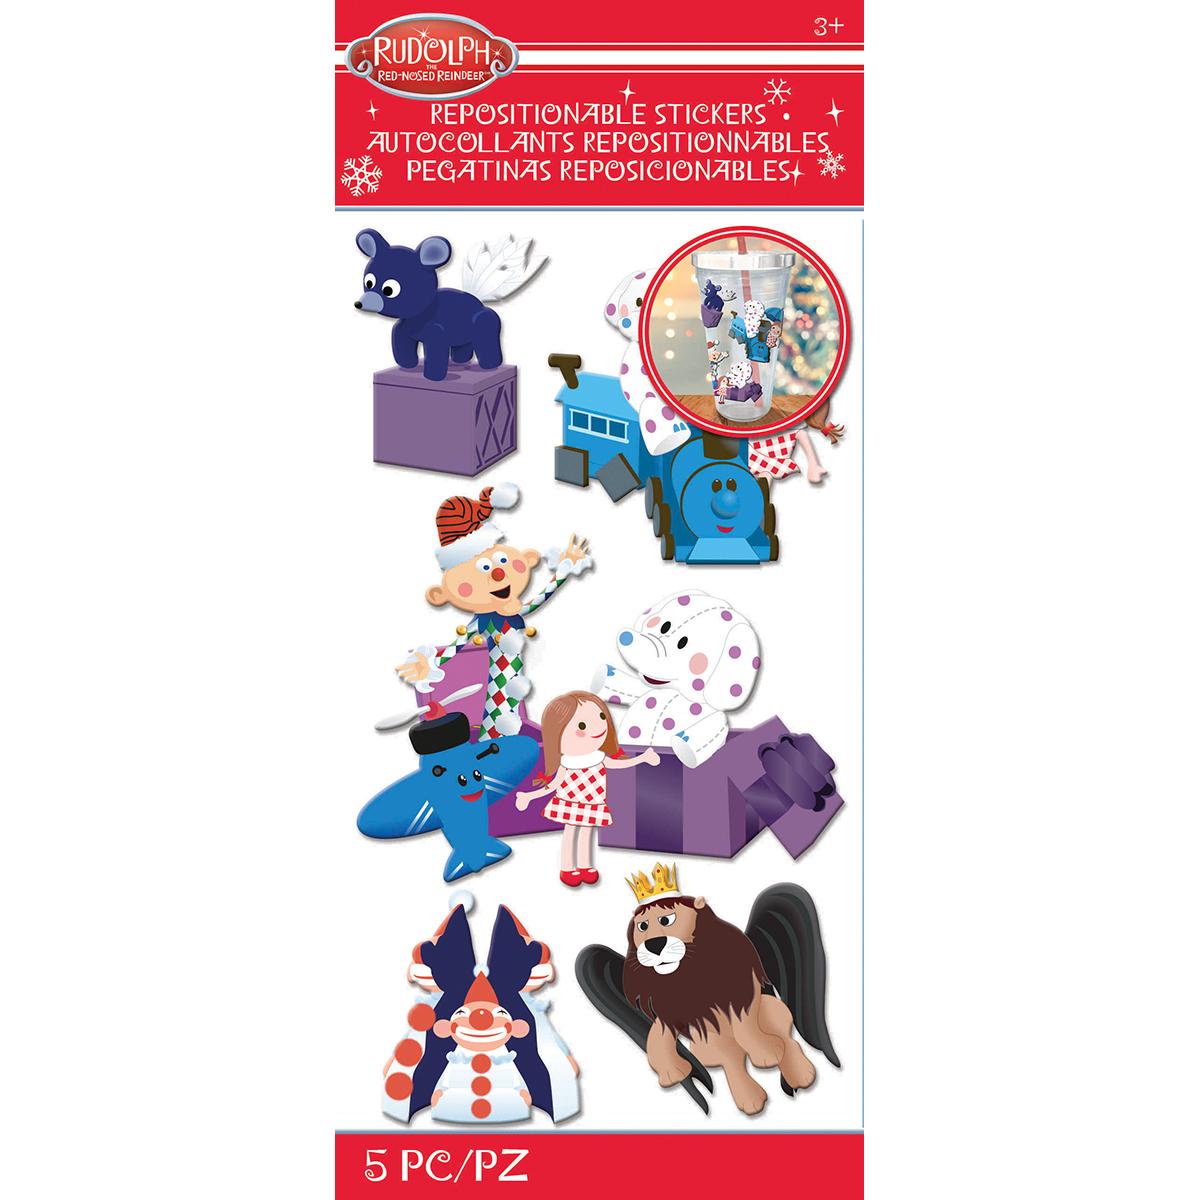 Rudolph Christmas Toys